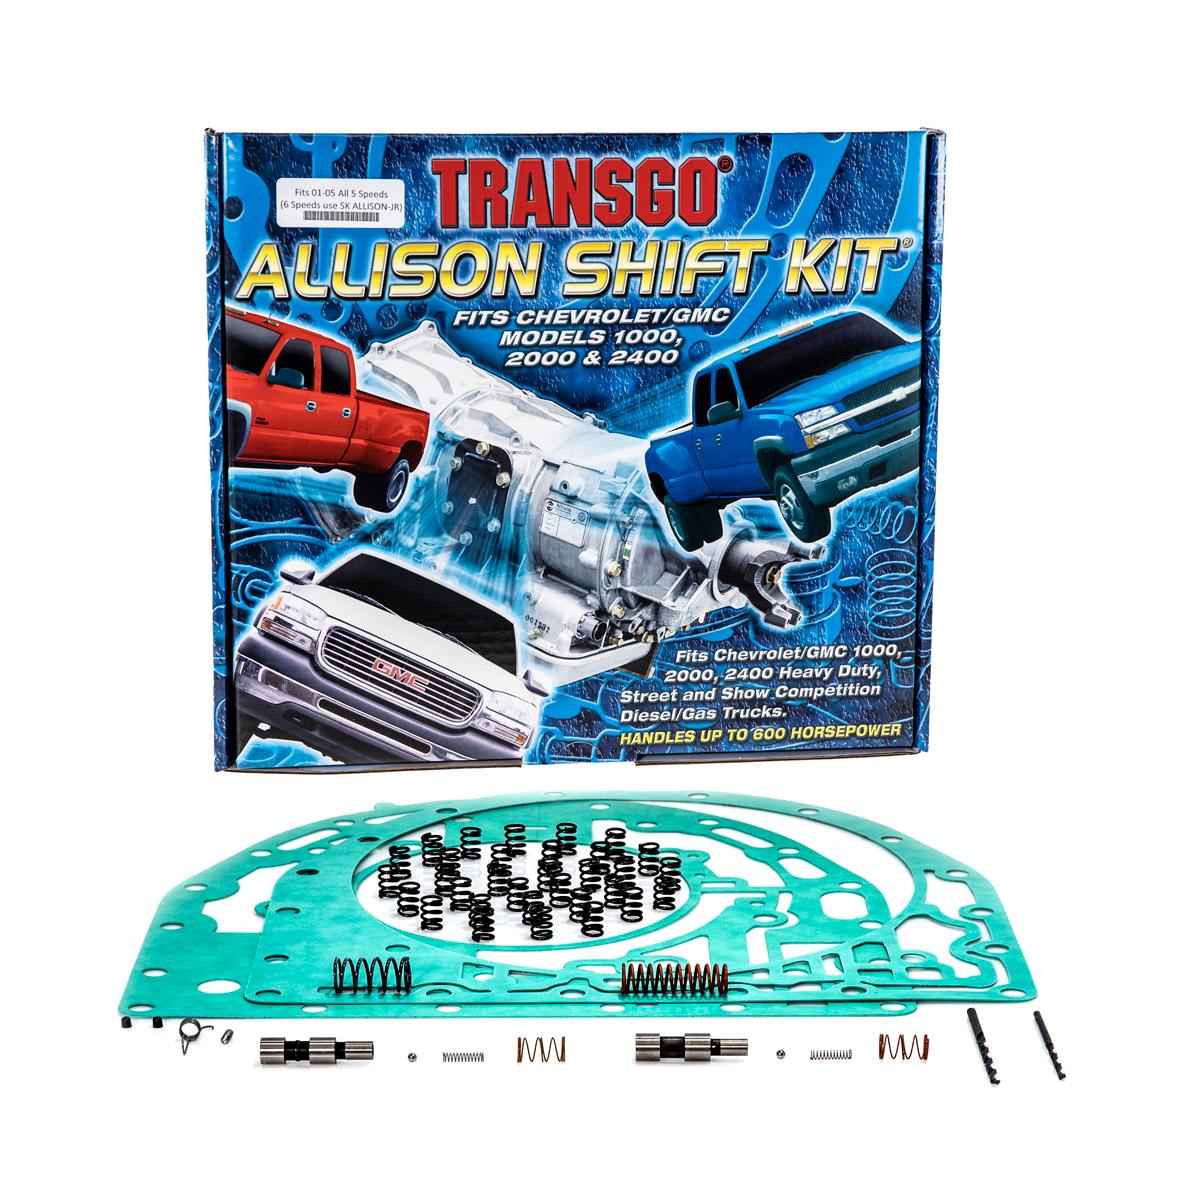 allison shift kit